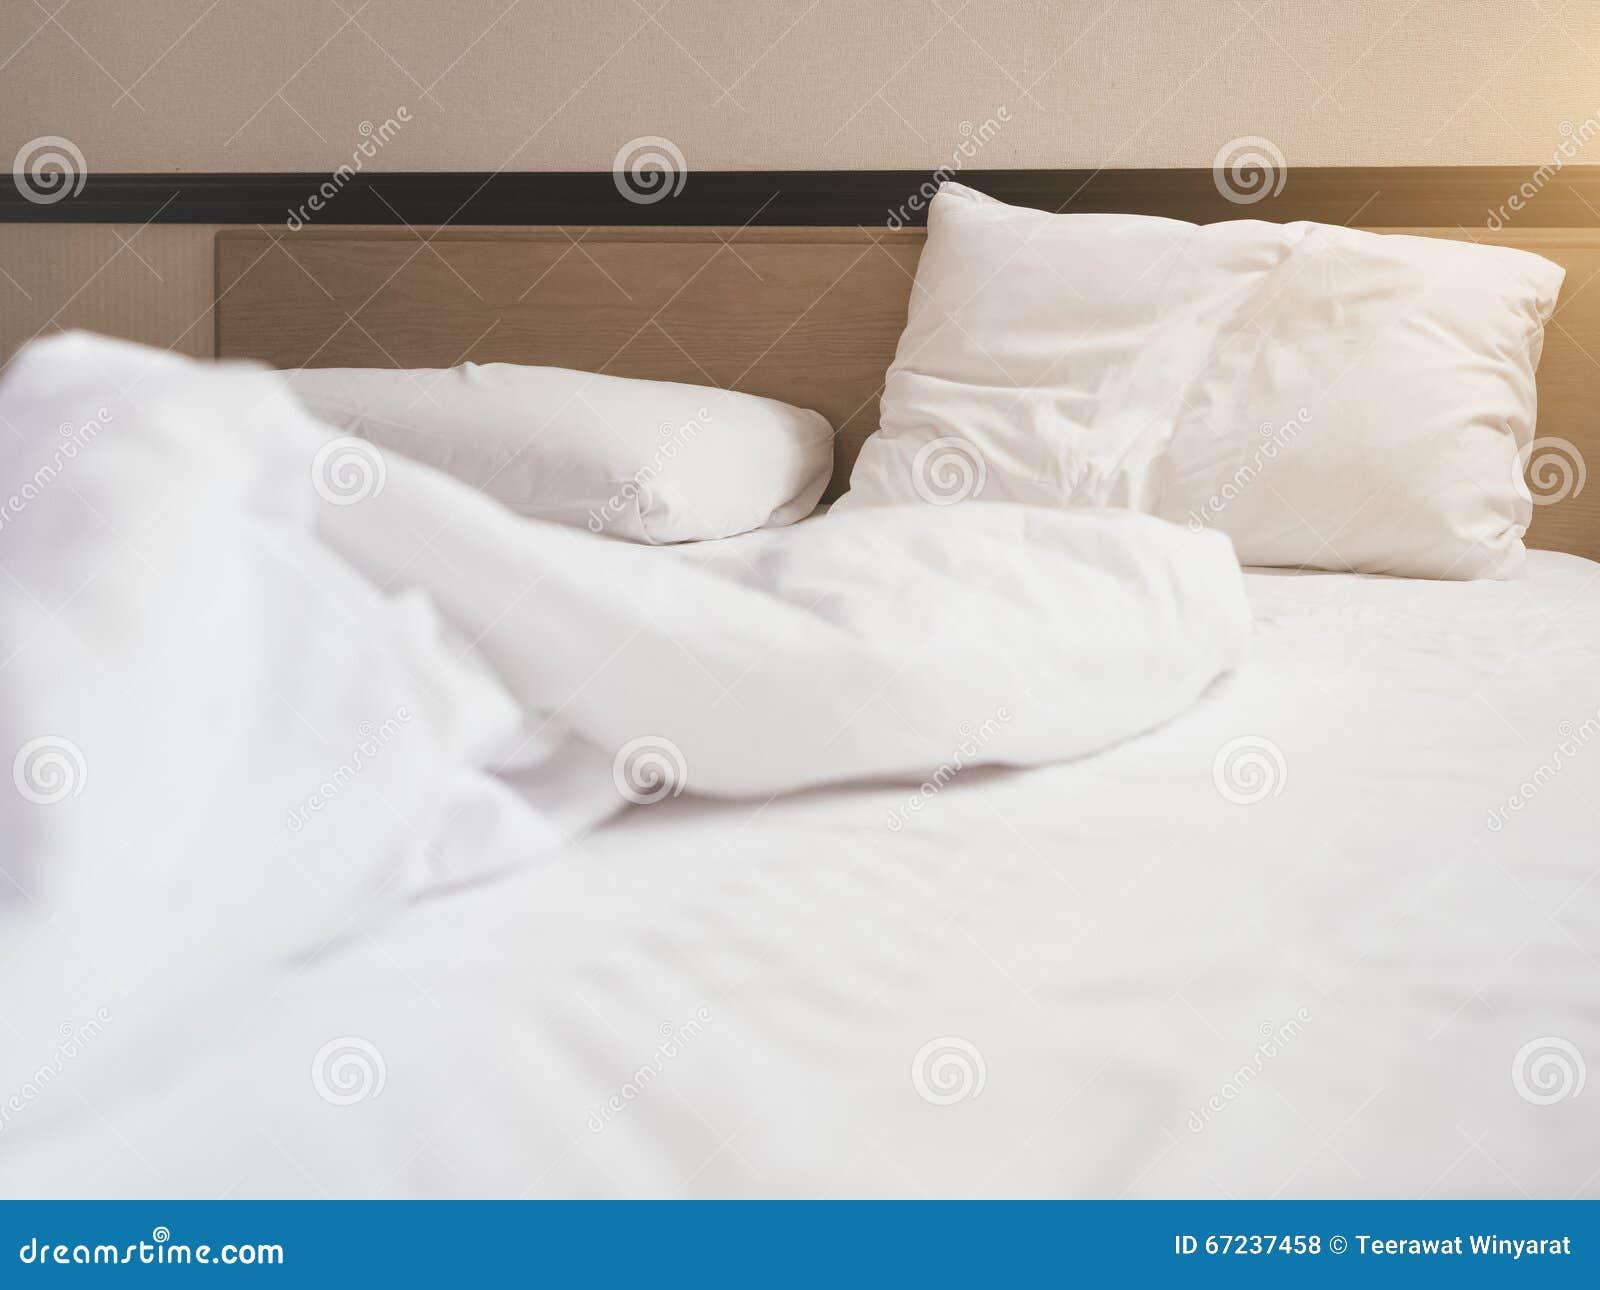 Bett Kissen kissen bett matratzendaunendecke unordentlich im schlafzimmer